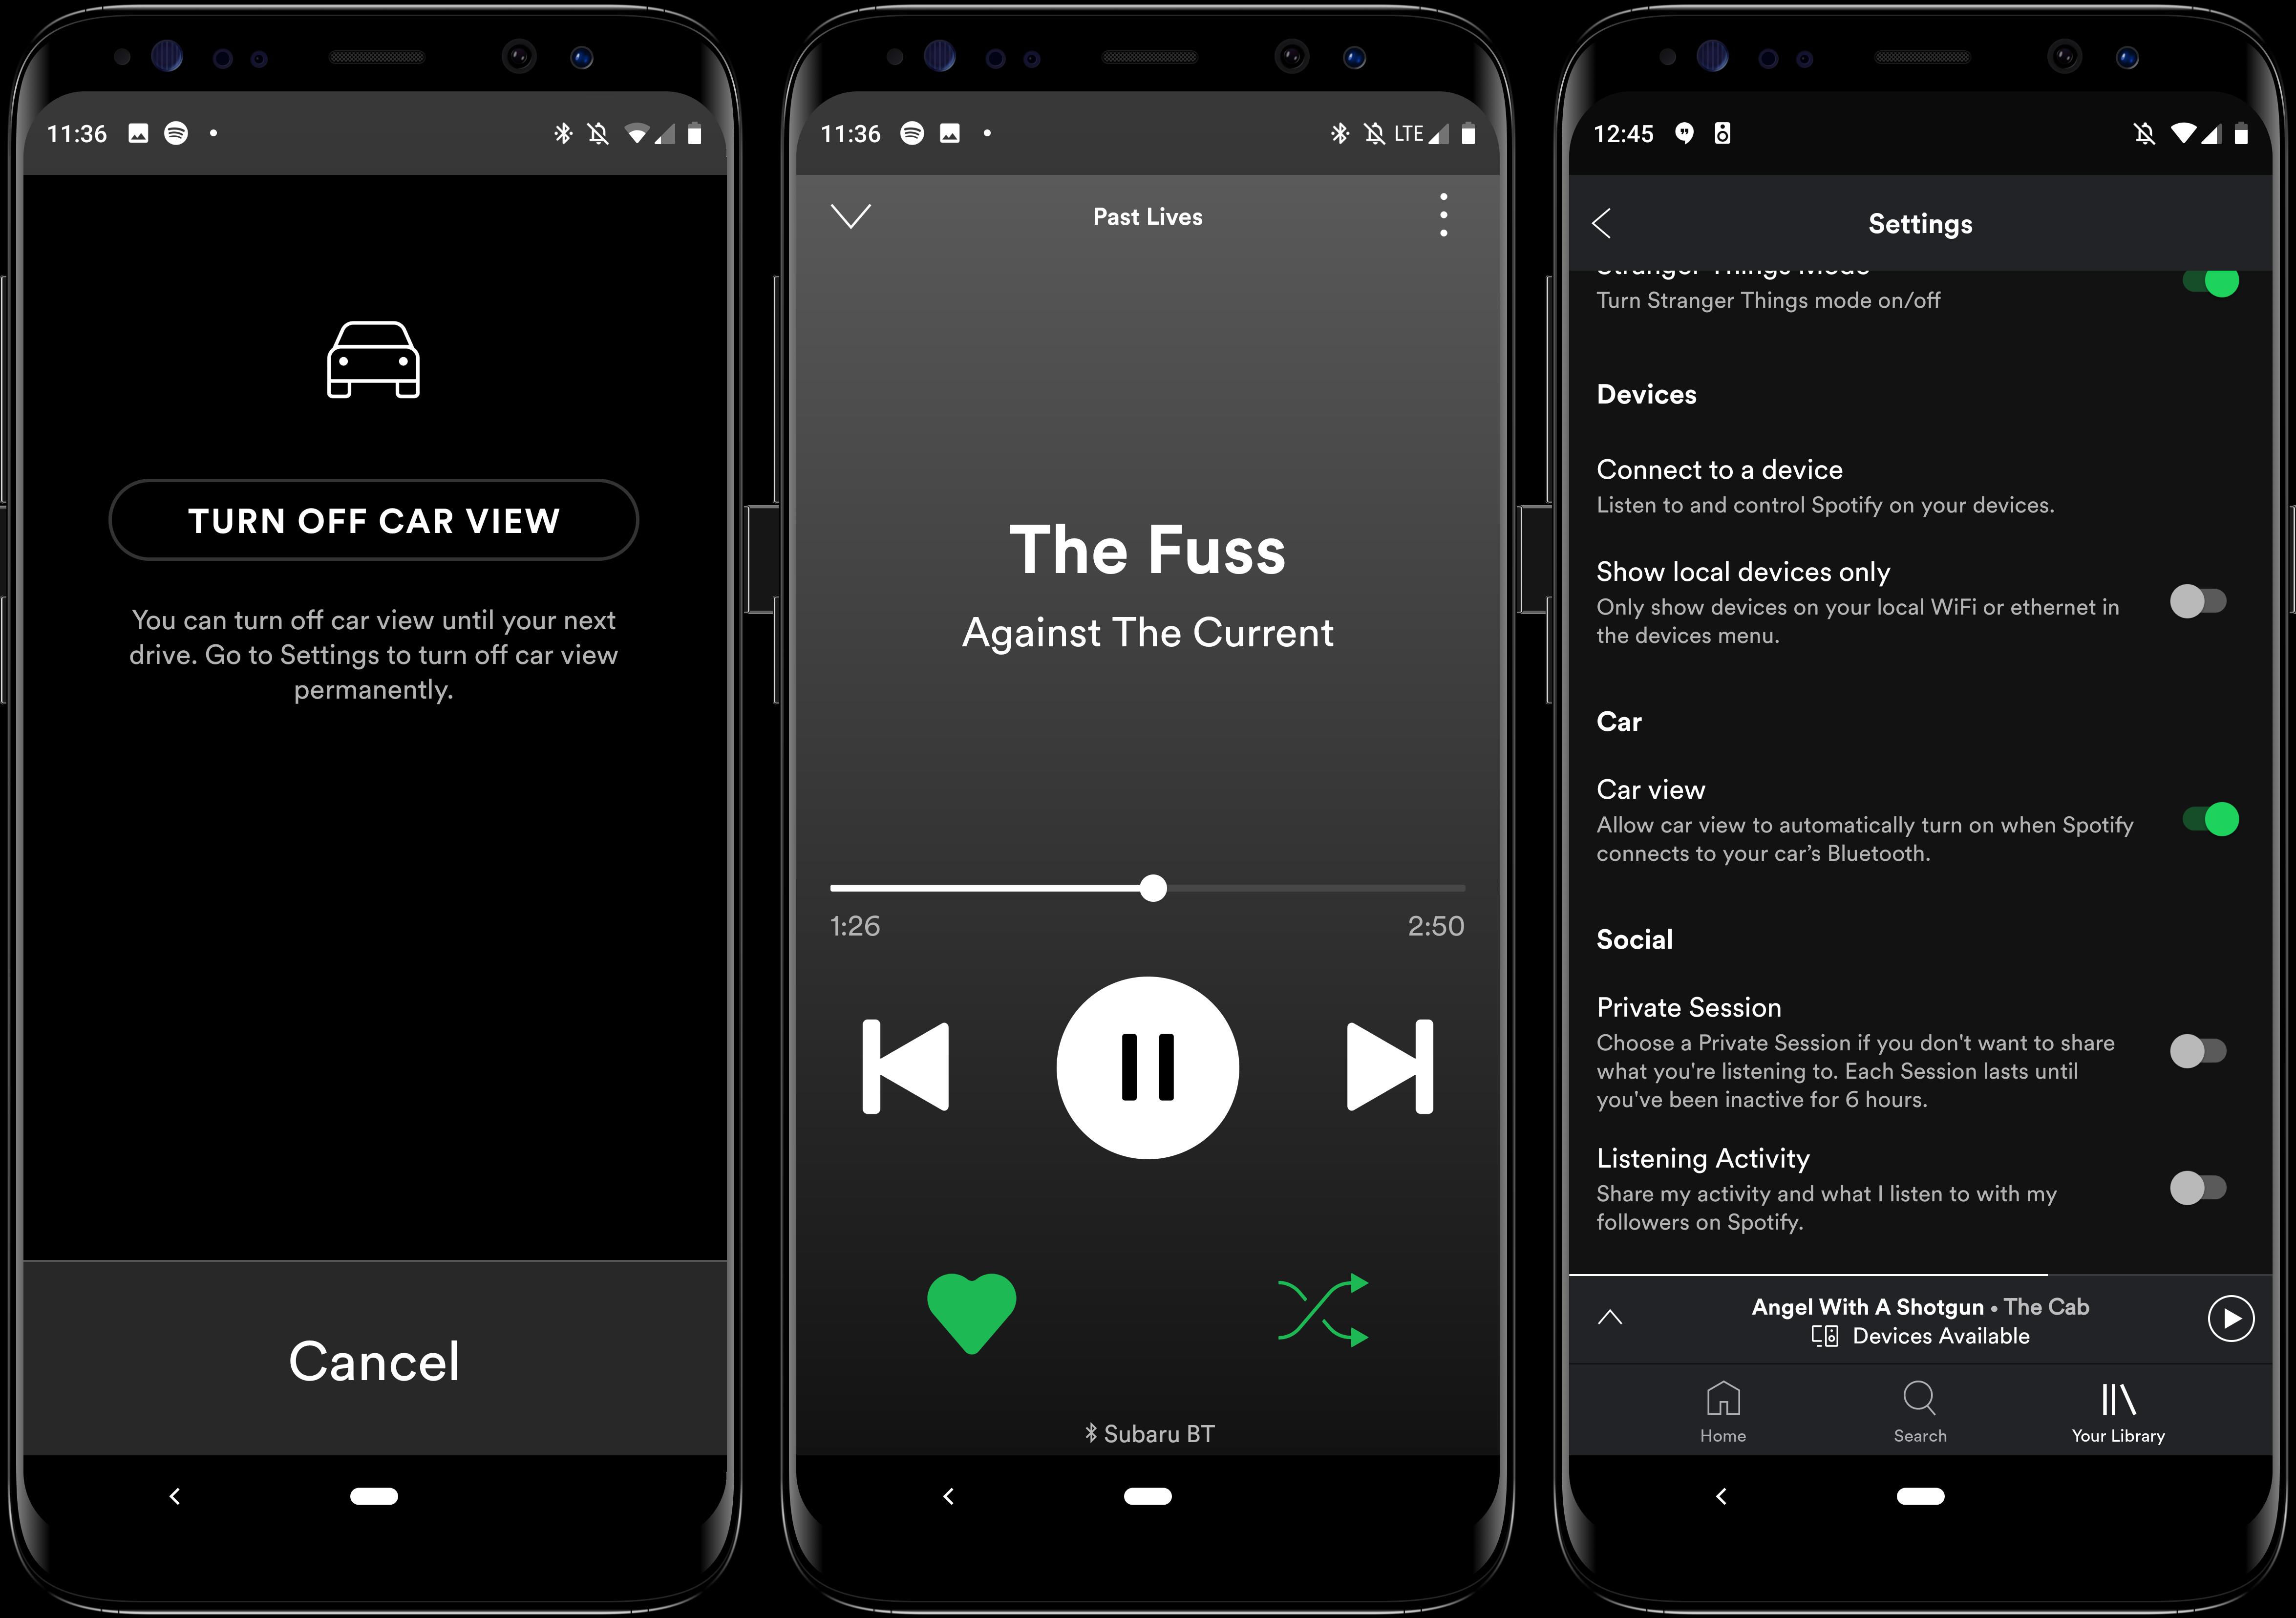 Spotify Car View 16x9